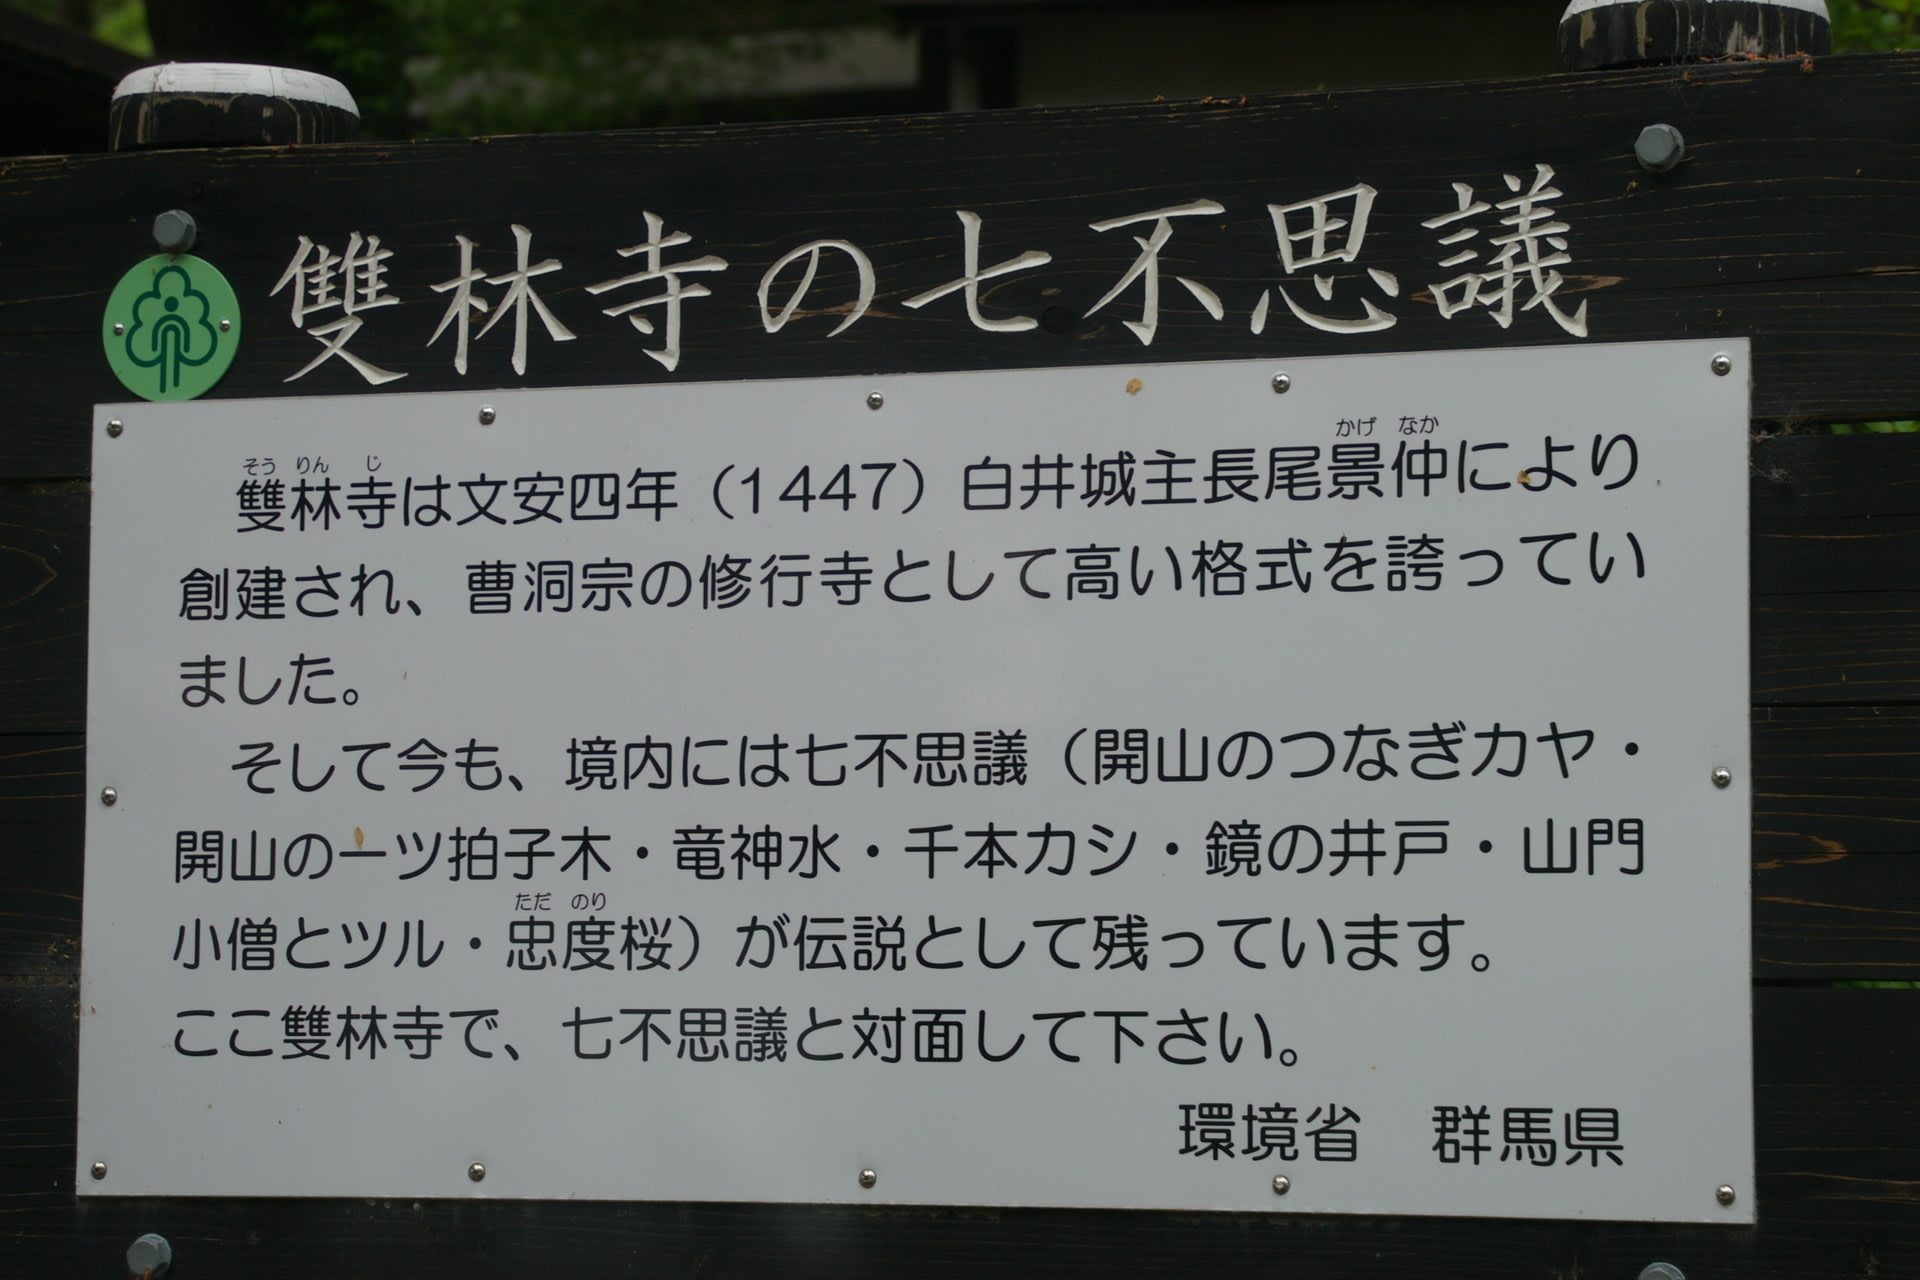 雙林寺 (渋川市)